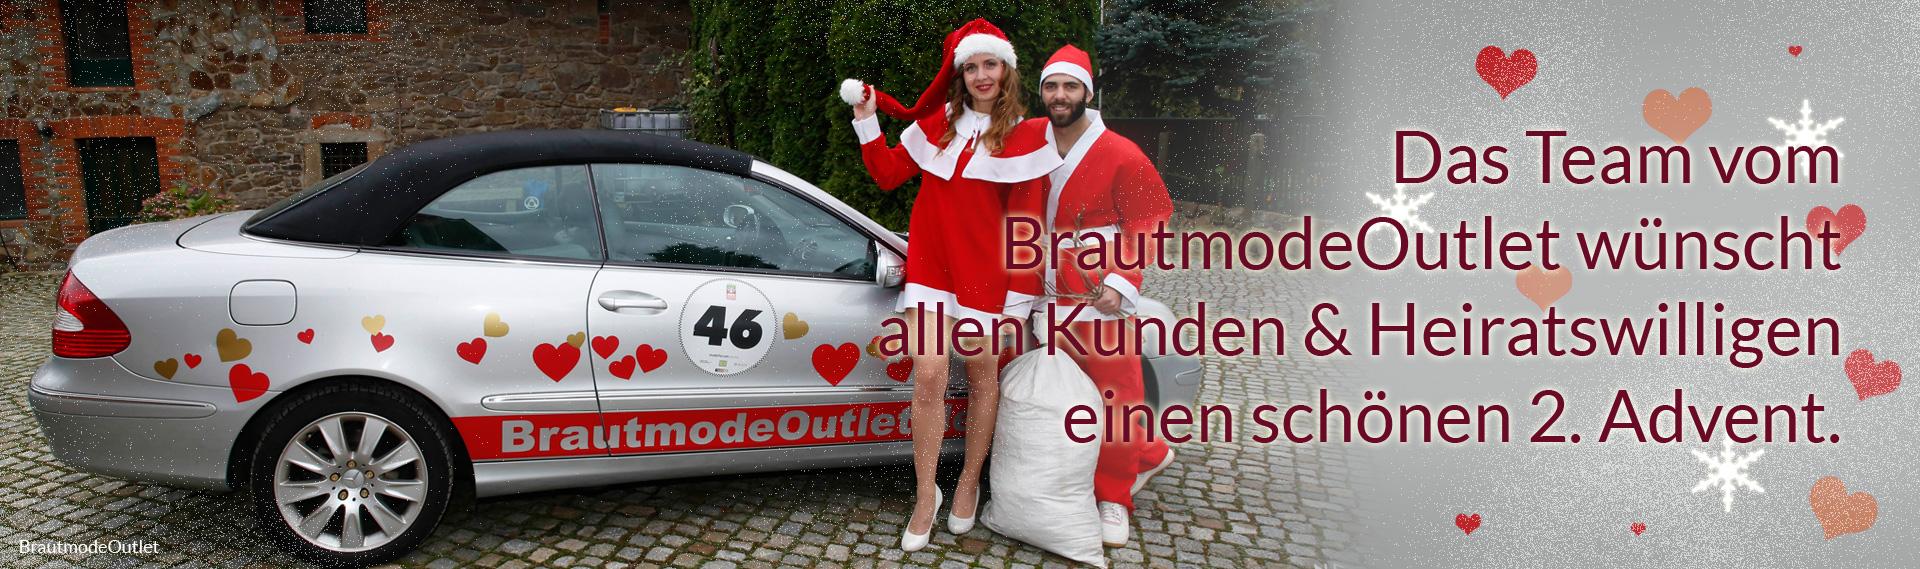 Brautmode Outlet Bautzen Brautkleid Weihnachtsmann Weihnachtsfrau 2. Advent